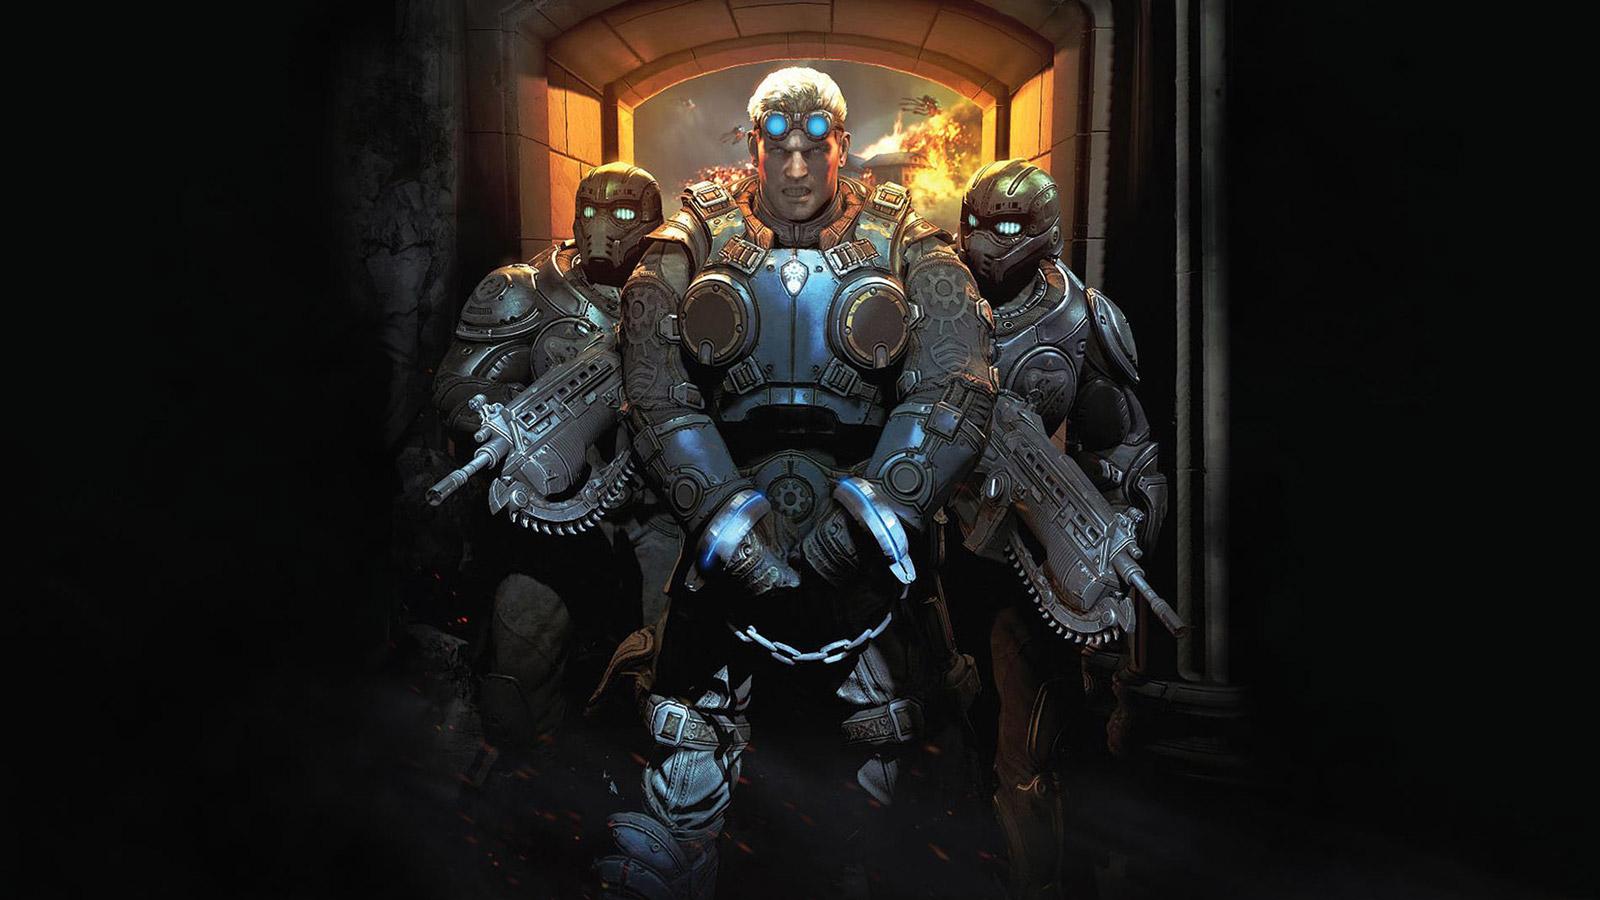 Gears of War: Judgment Wallpaper in 1600x900